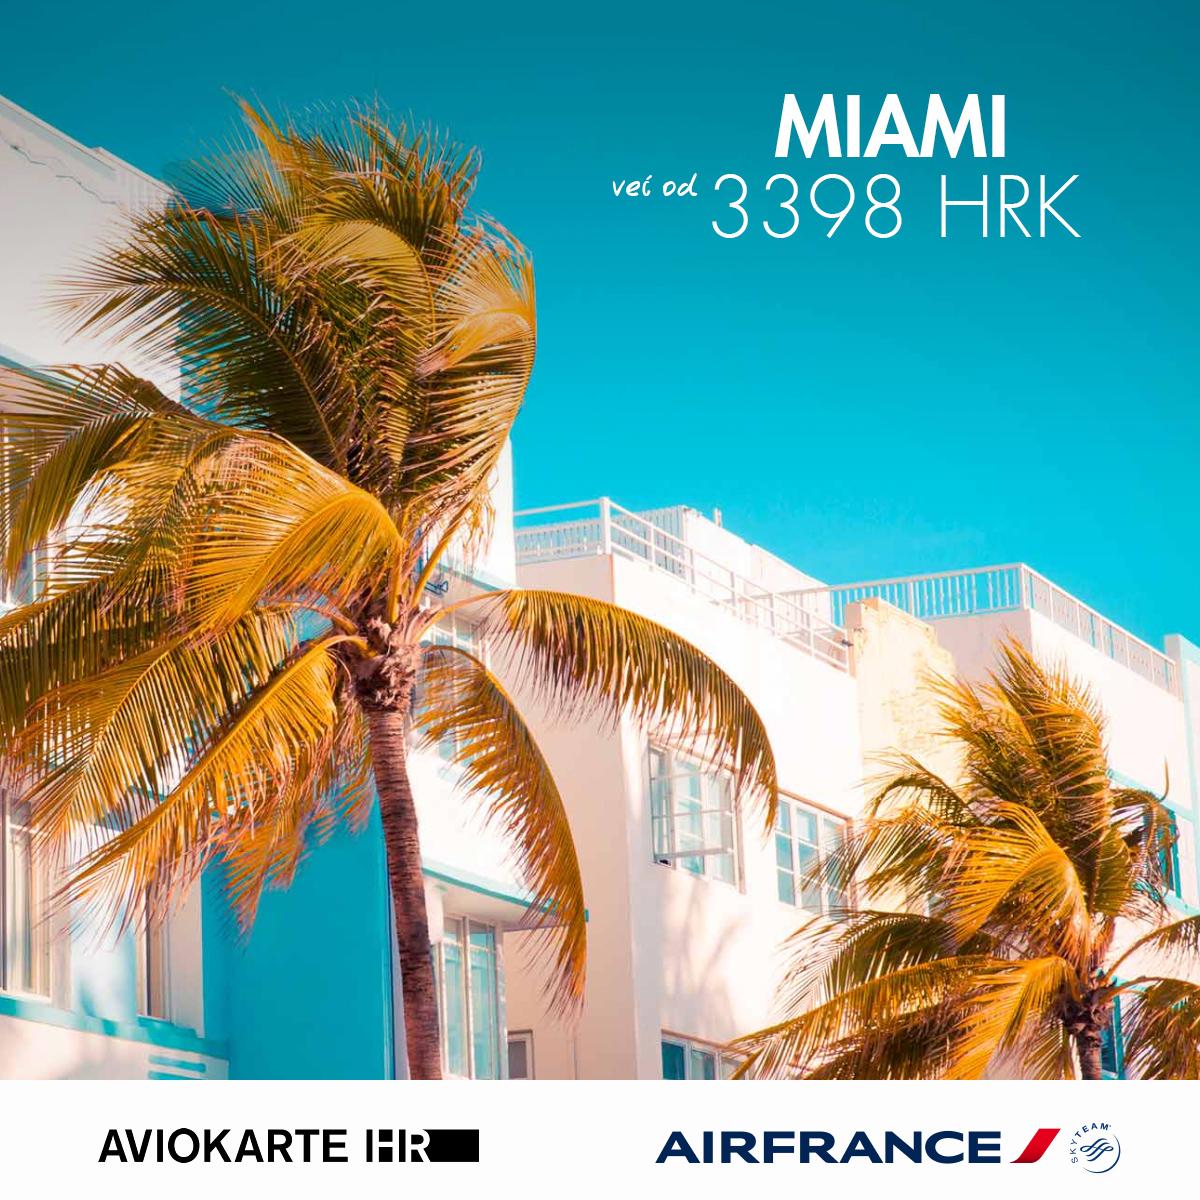 Miami vizual, Miami već od 1400 kuna, Miami jeftine avio karte, putovanje za Miami